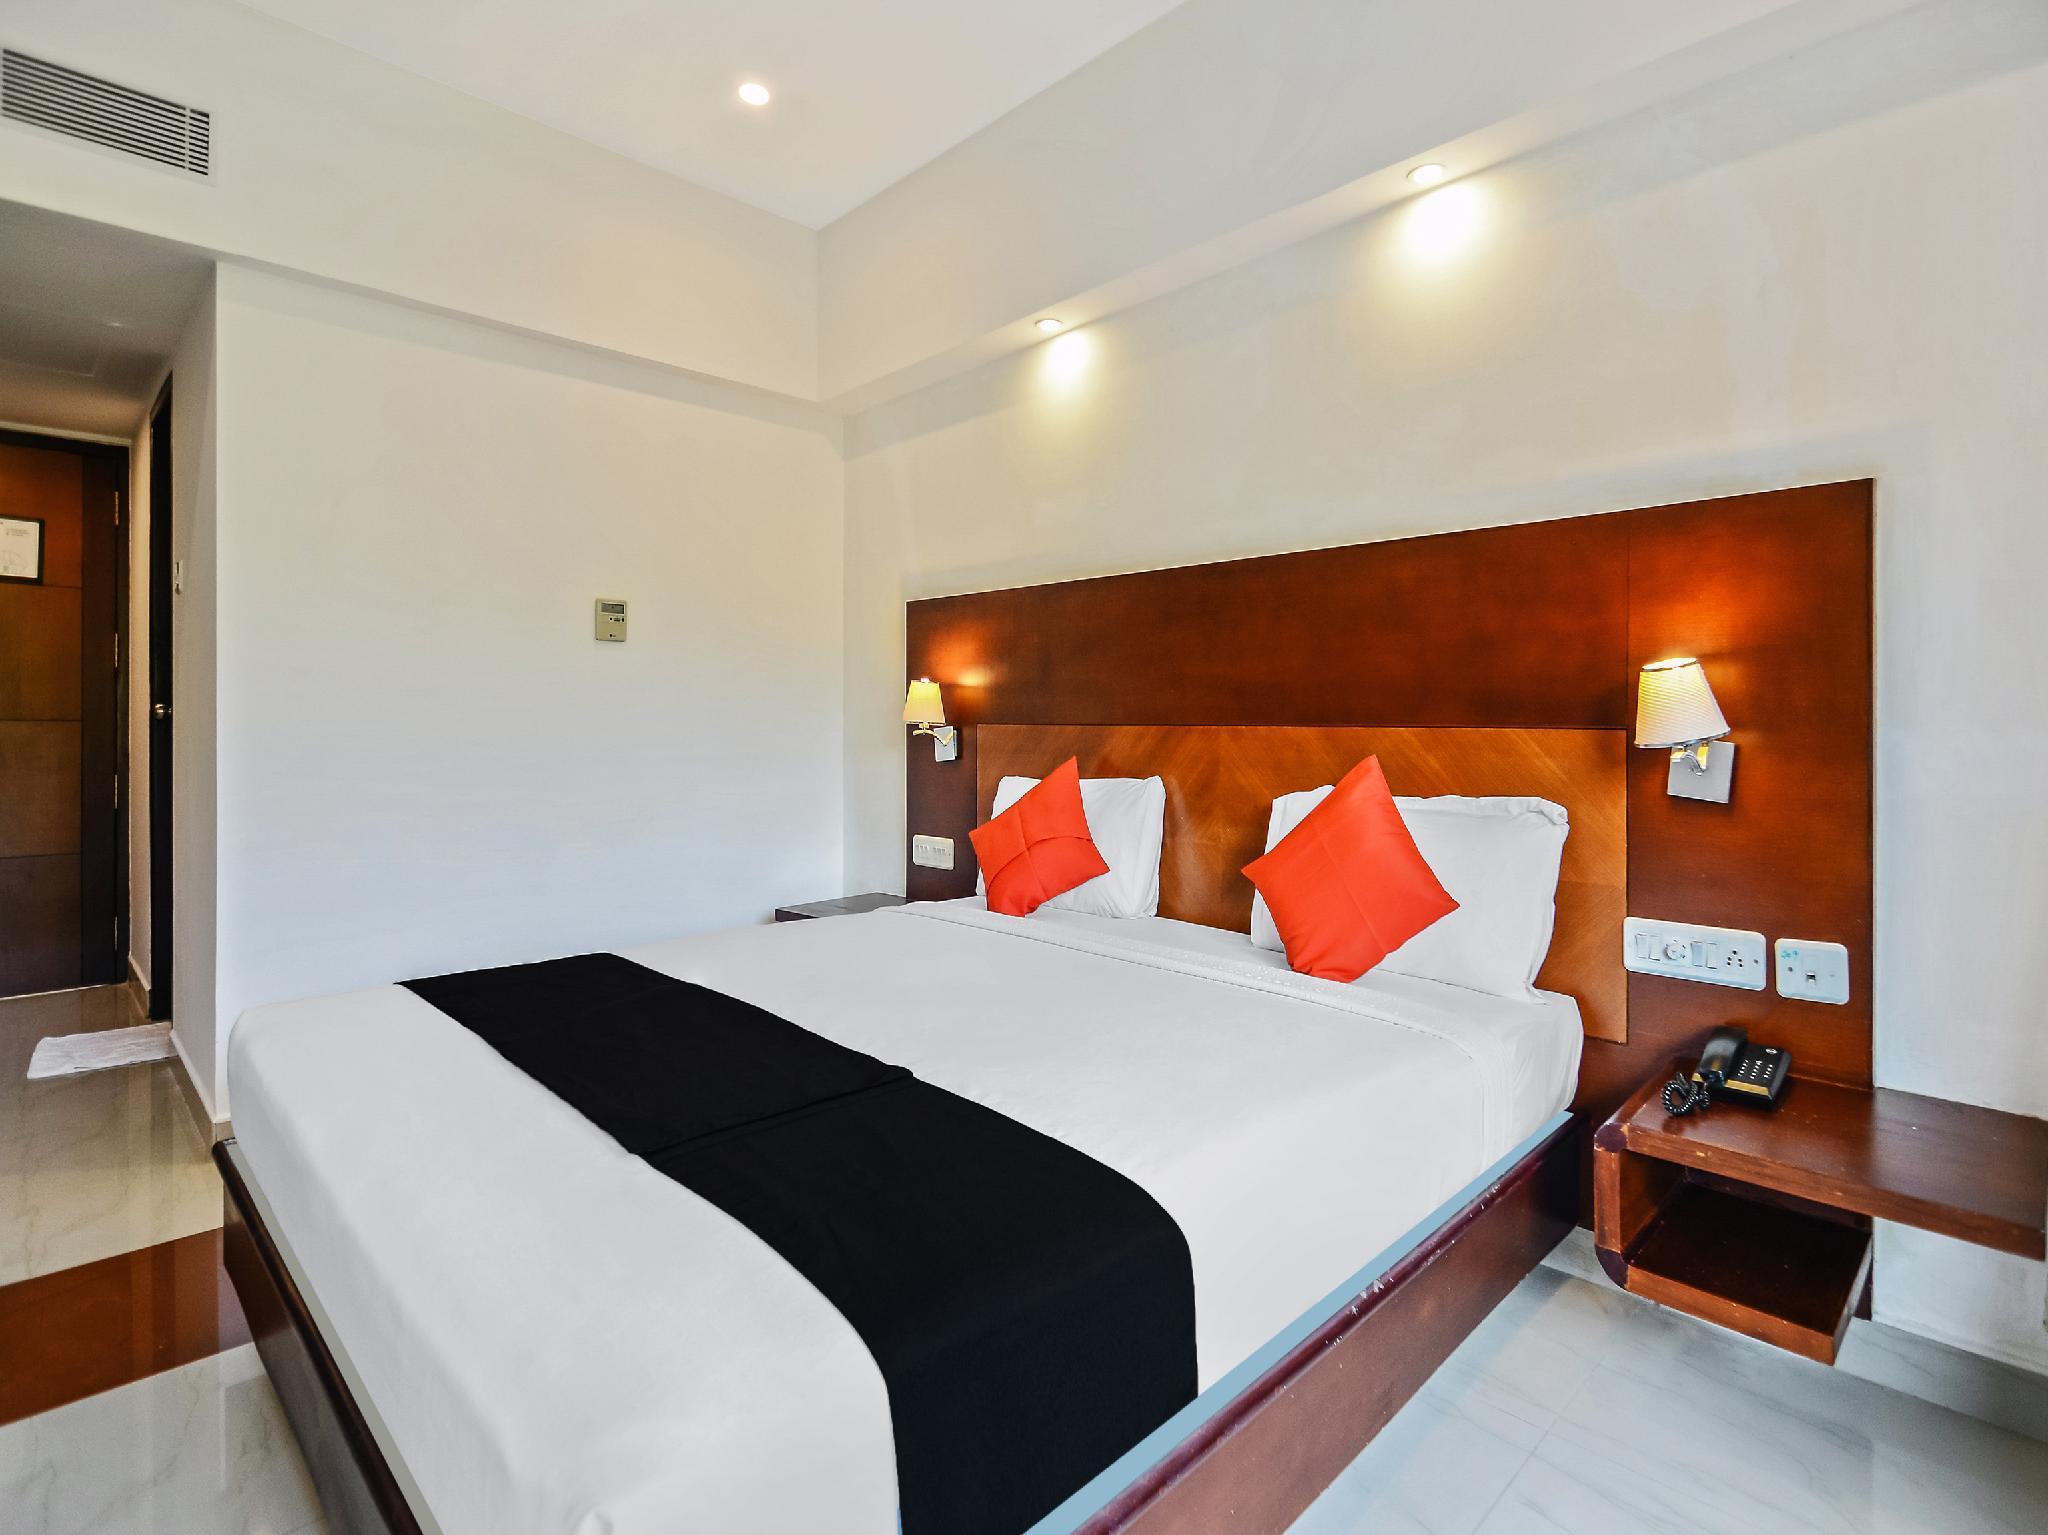 Capital O 60265 Sreevalsam Residency